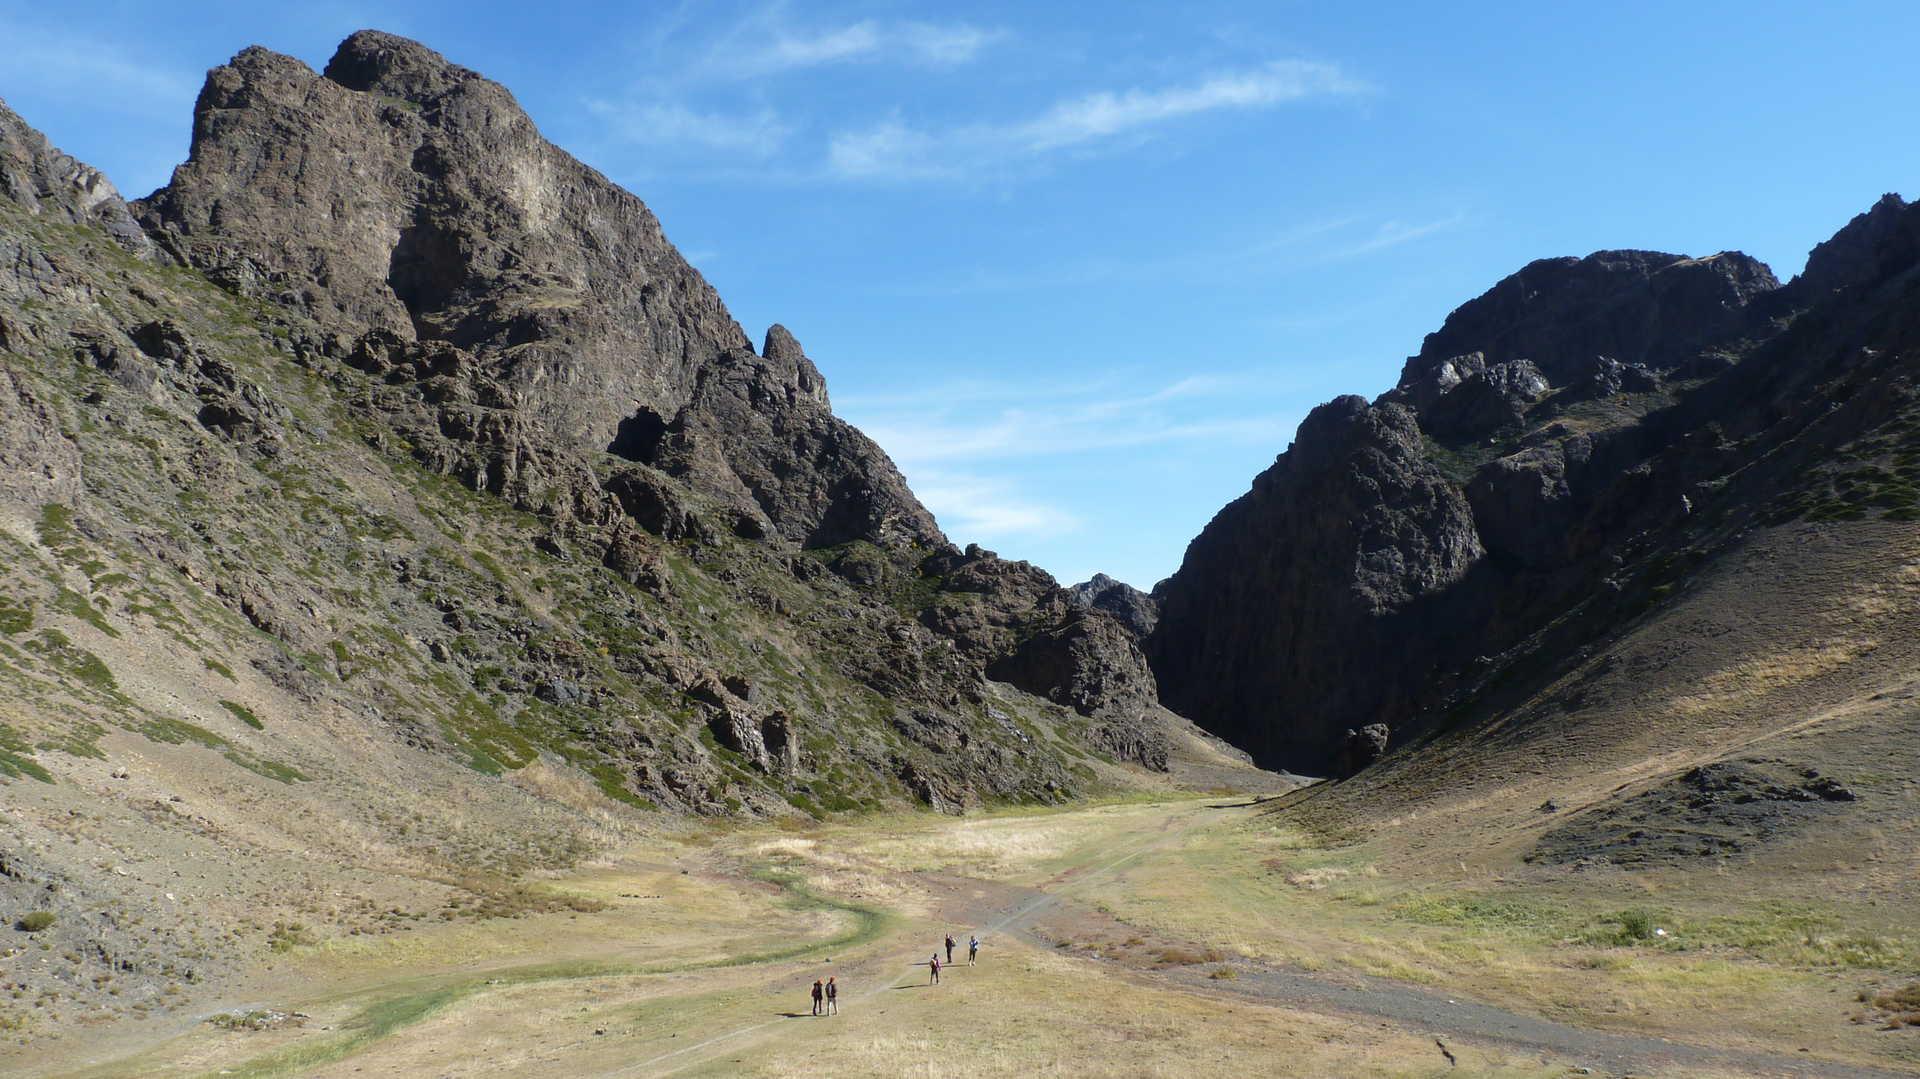 voyage découverte Mongolie, nomades de l'Orkhon, désert de Gobi